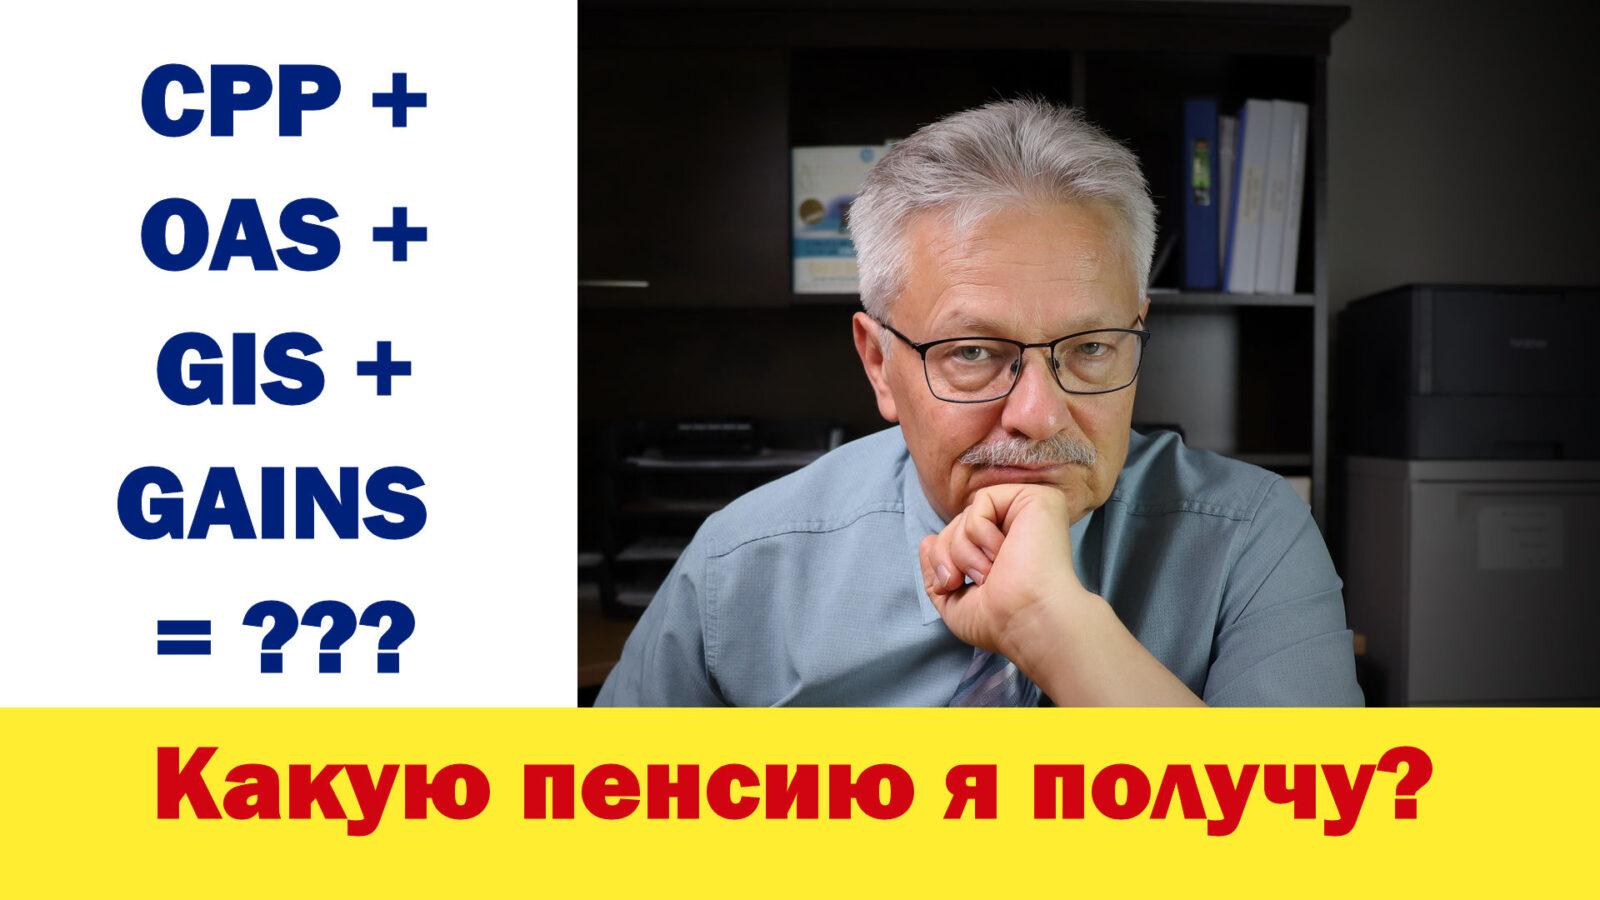 CPP + OAS + GIS + GAINS = ??? Так какую пенсию я буду получать? (Видео)